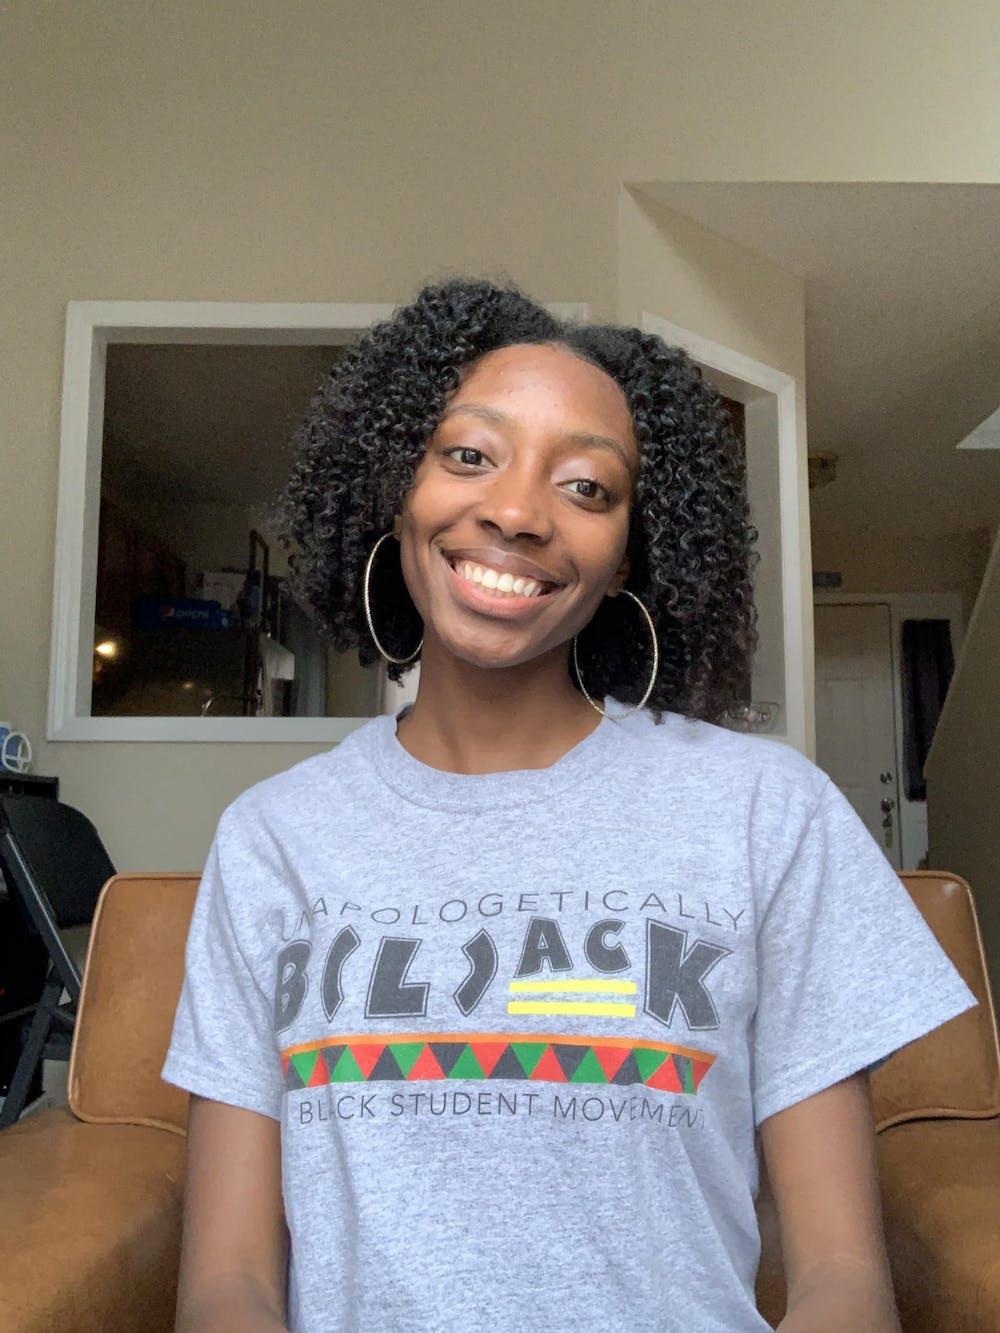 Black Student Movement president Tamiya Troy also serves as the senior class Vice President. Photo courtesy of Tamiya Troy.